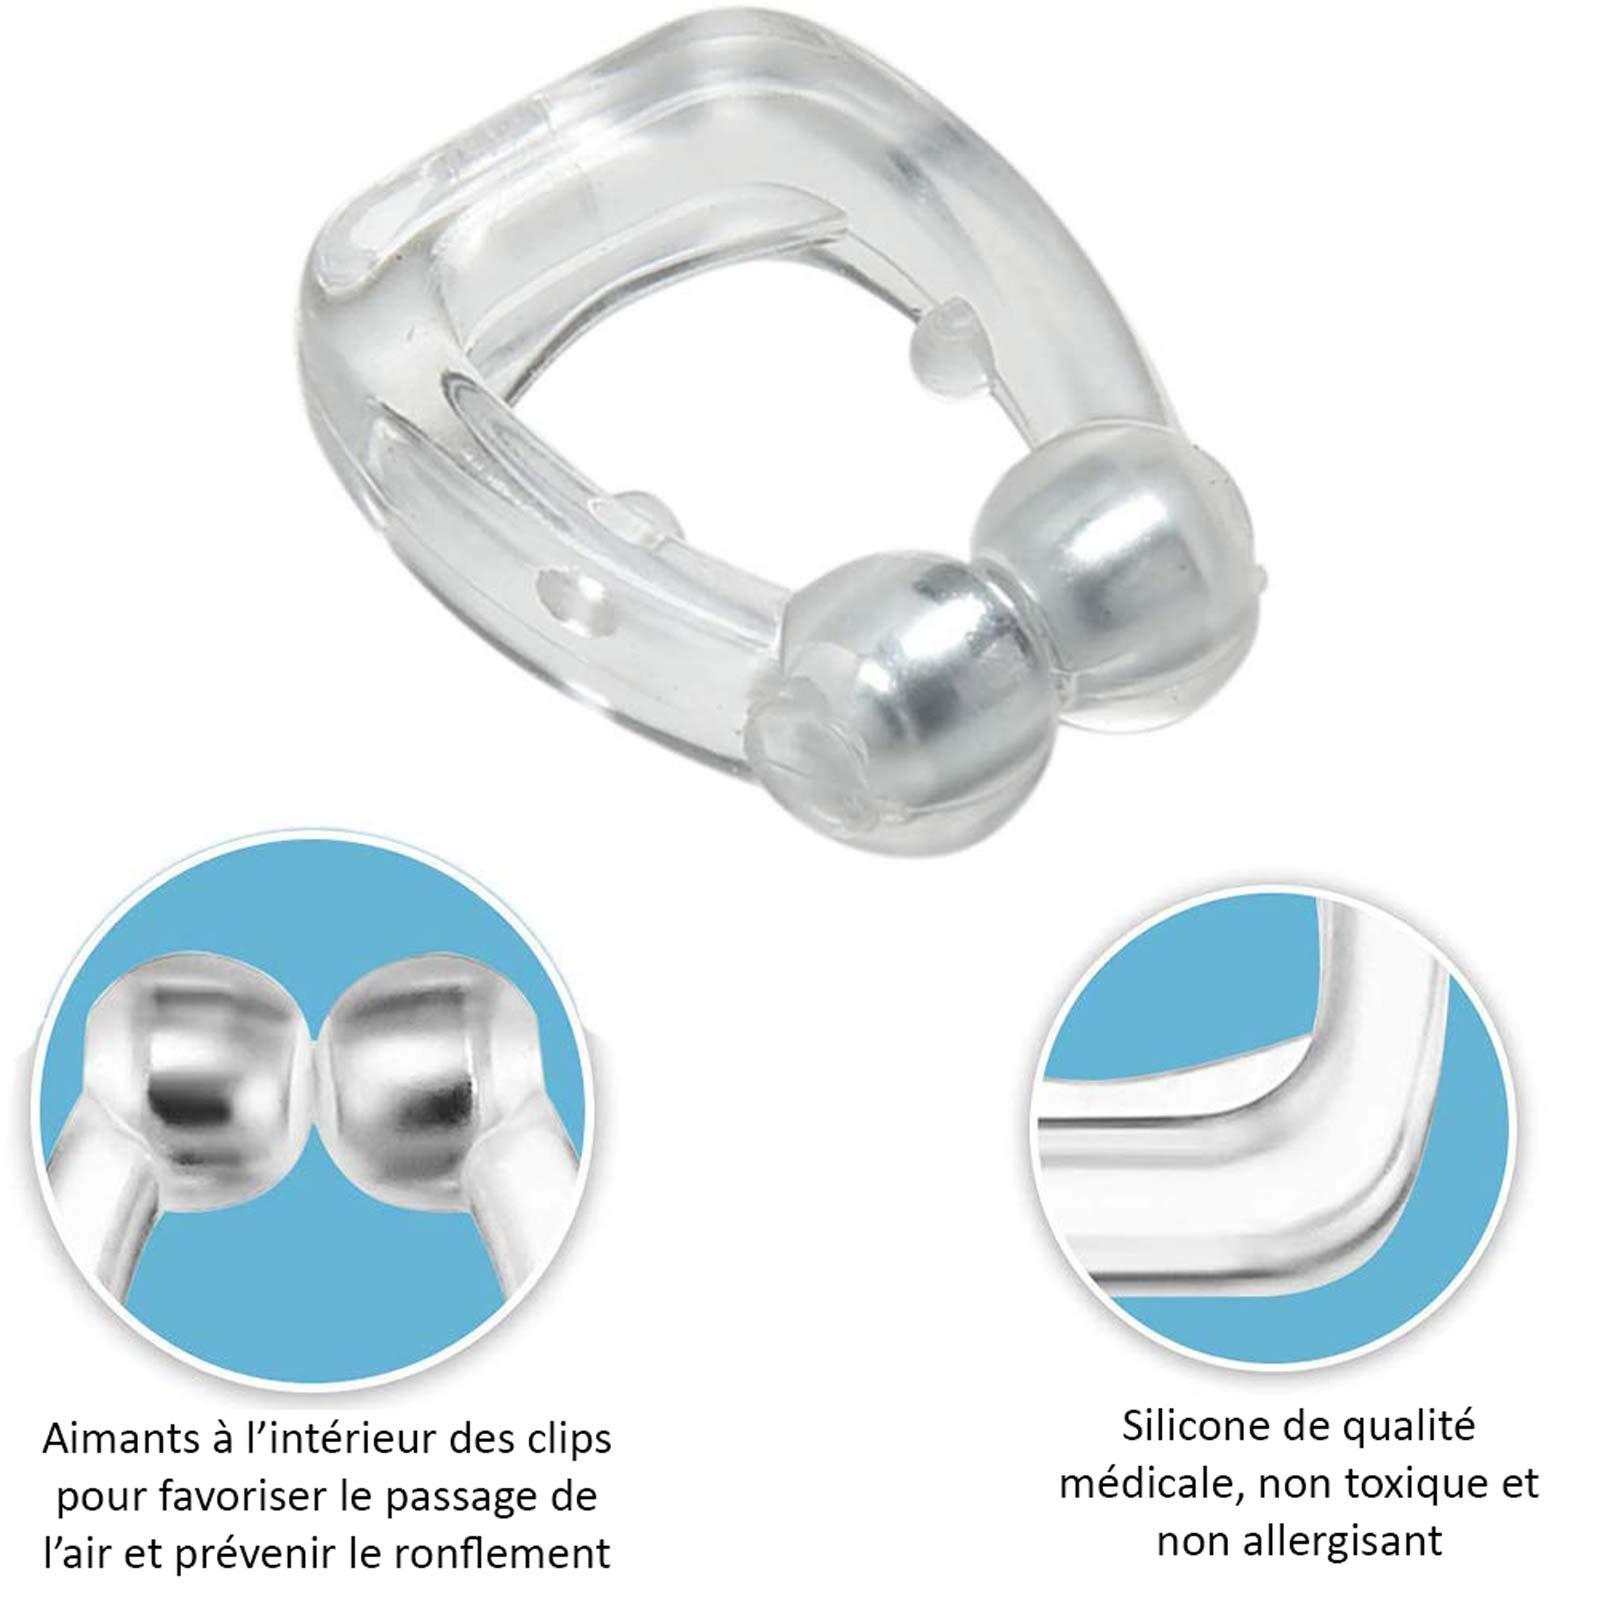 Dispositif Anti-Ronflement, Clip Anti Ronflement Magnetique Premium Pour Lutter Contre Ronflement, Apnée du Sommeil en Silicone Medical, Lot de 2